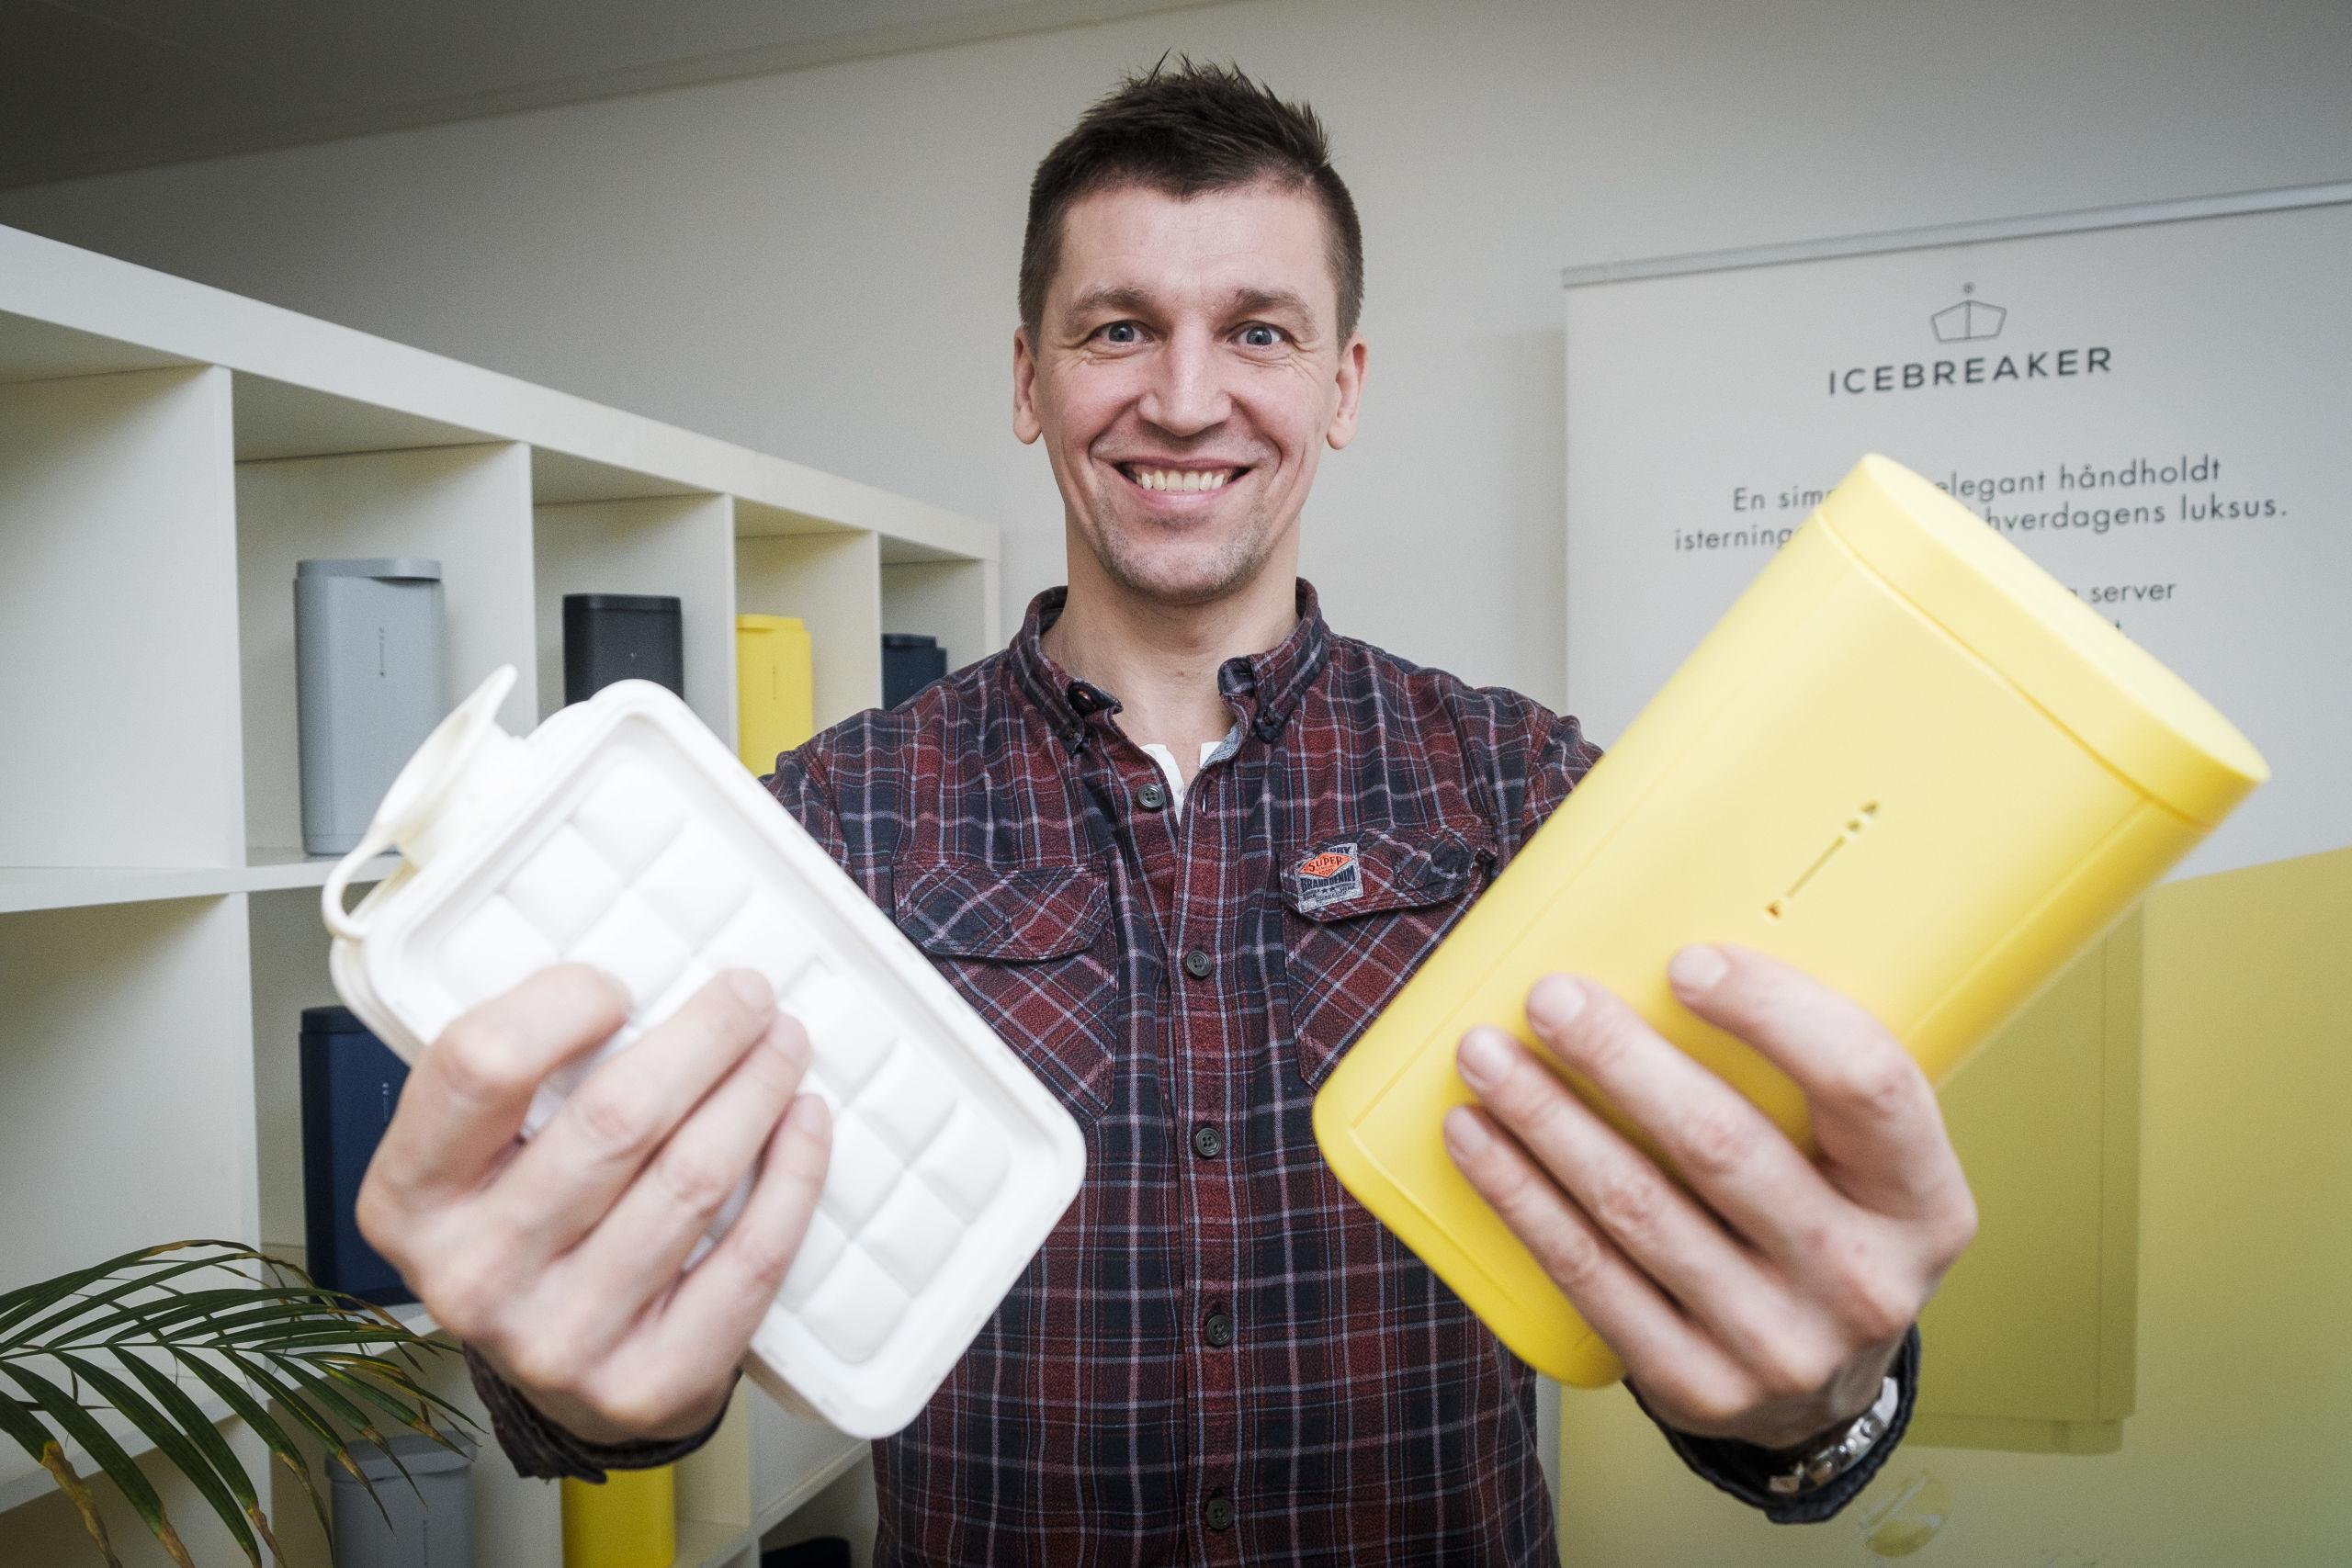 Den første opfindelse har Kim Jensen i højre hånd, og i venstre hånd den nyeste opfindelse. Foto: Lasse Sand